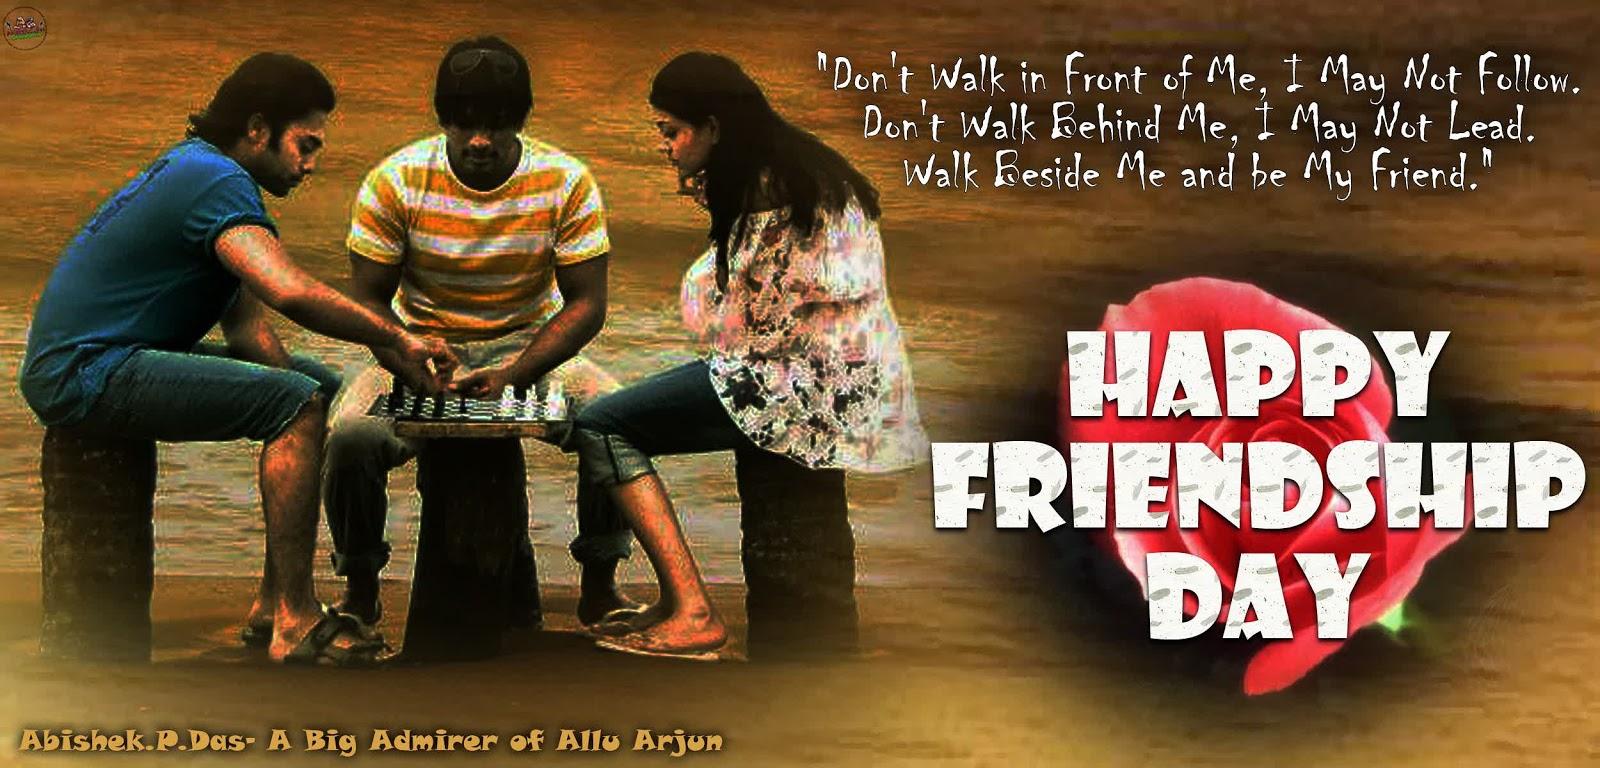 Allu Arjun's Latest Wallpapers: Allu Arjun: Friendship Day